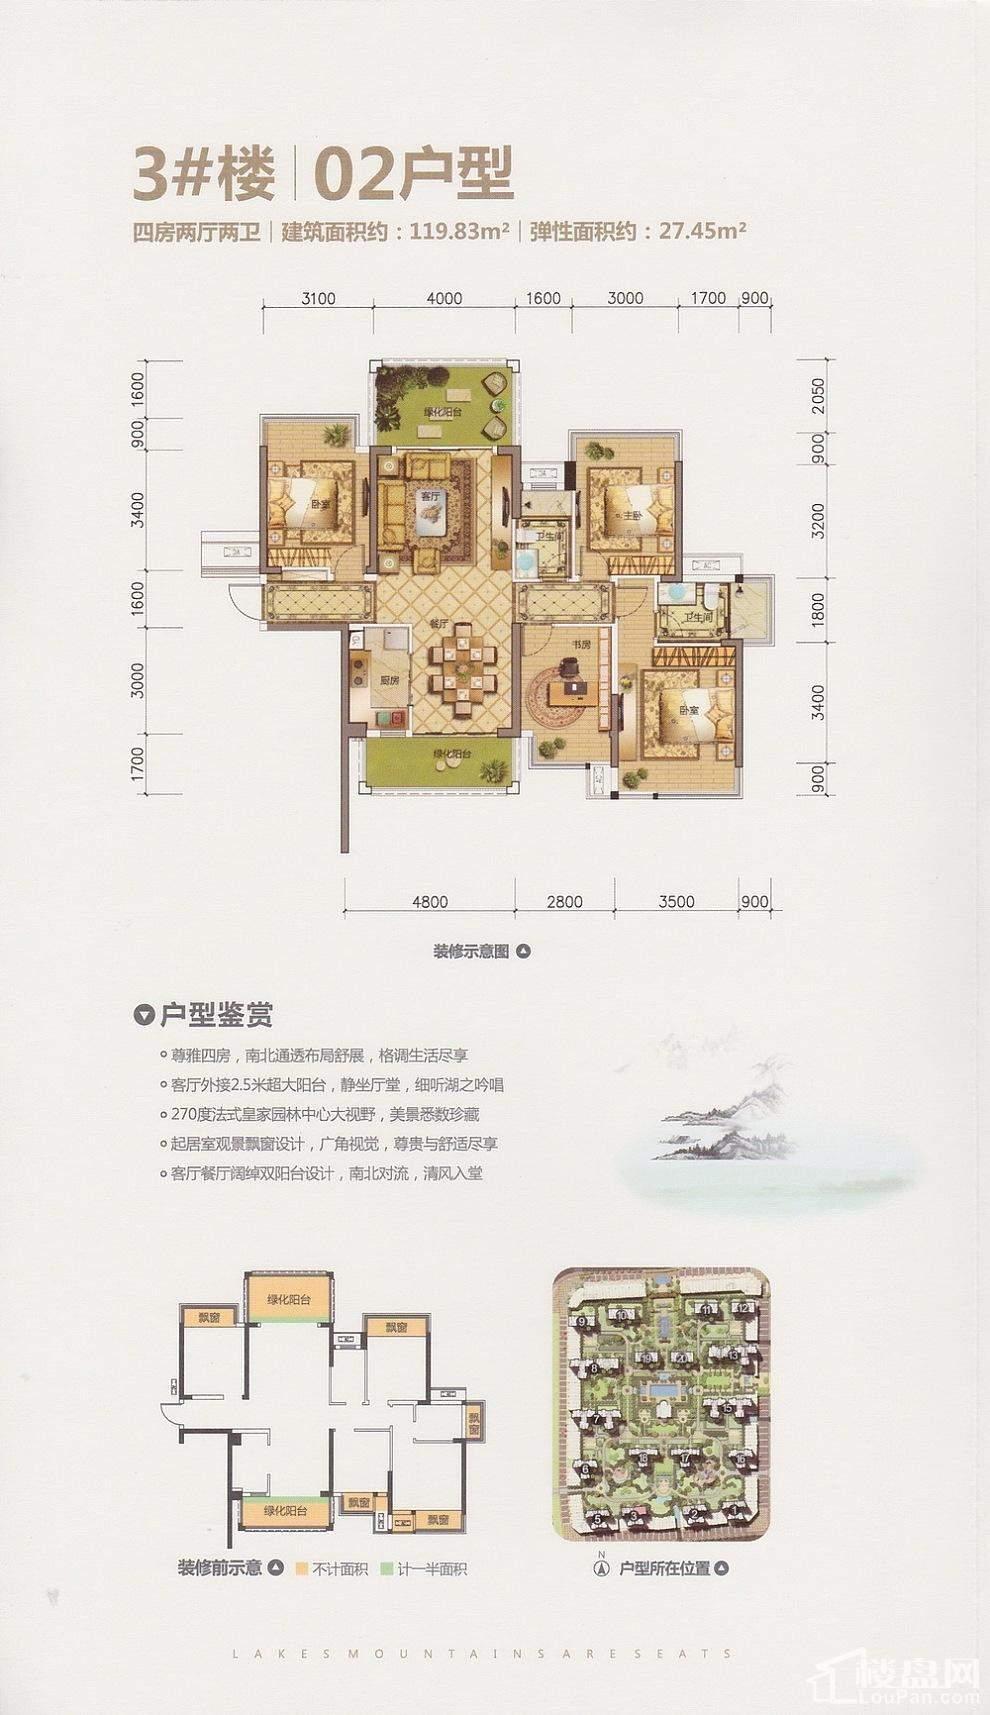 龙光玖珑湖3号楼02户型